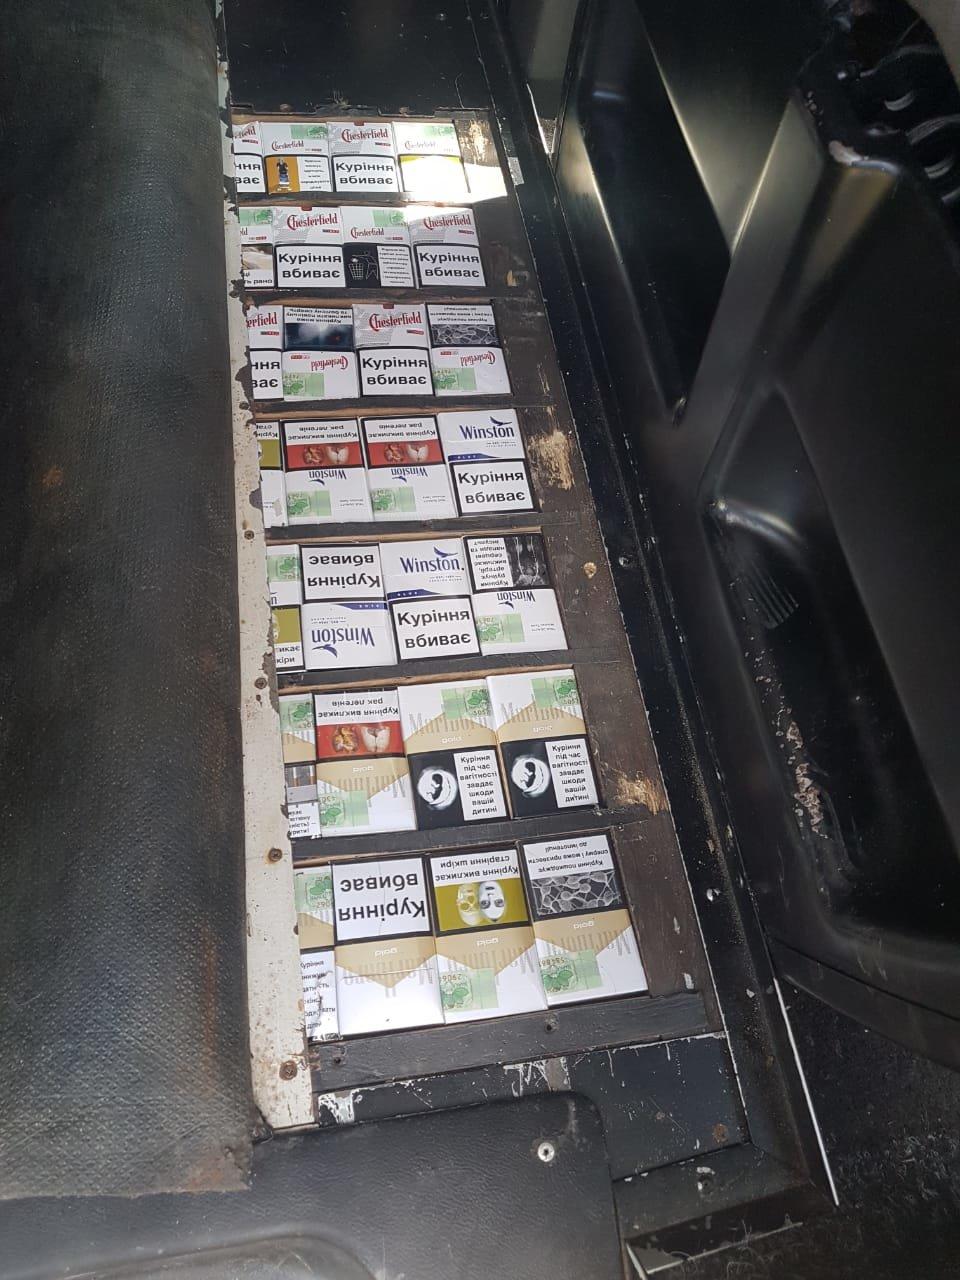 Закарпатські митники знайшли у двох мікроавтобусах подвійні днища з цигарками (ФОТО), фото-5